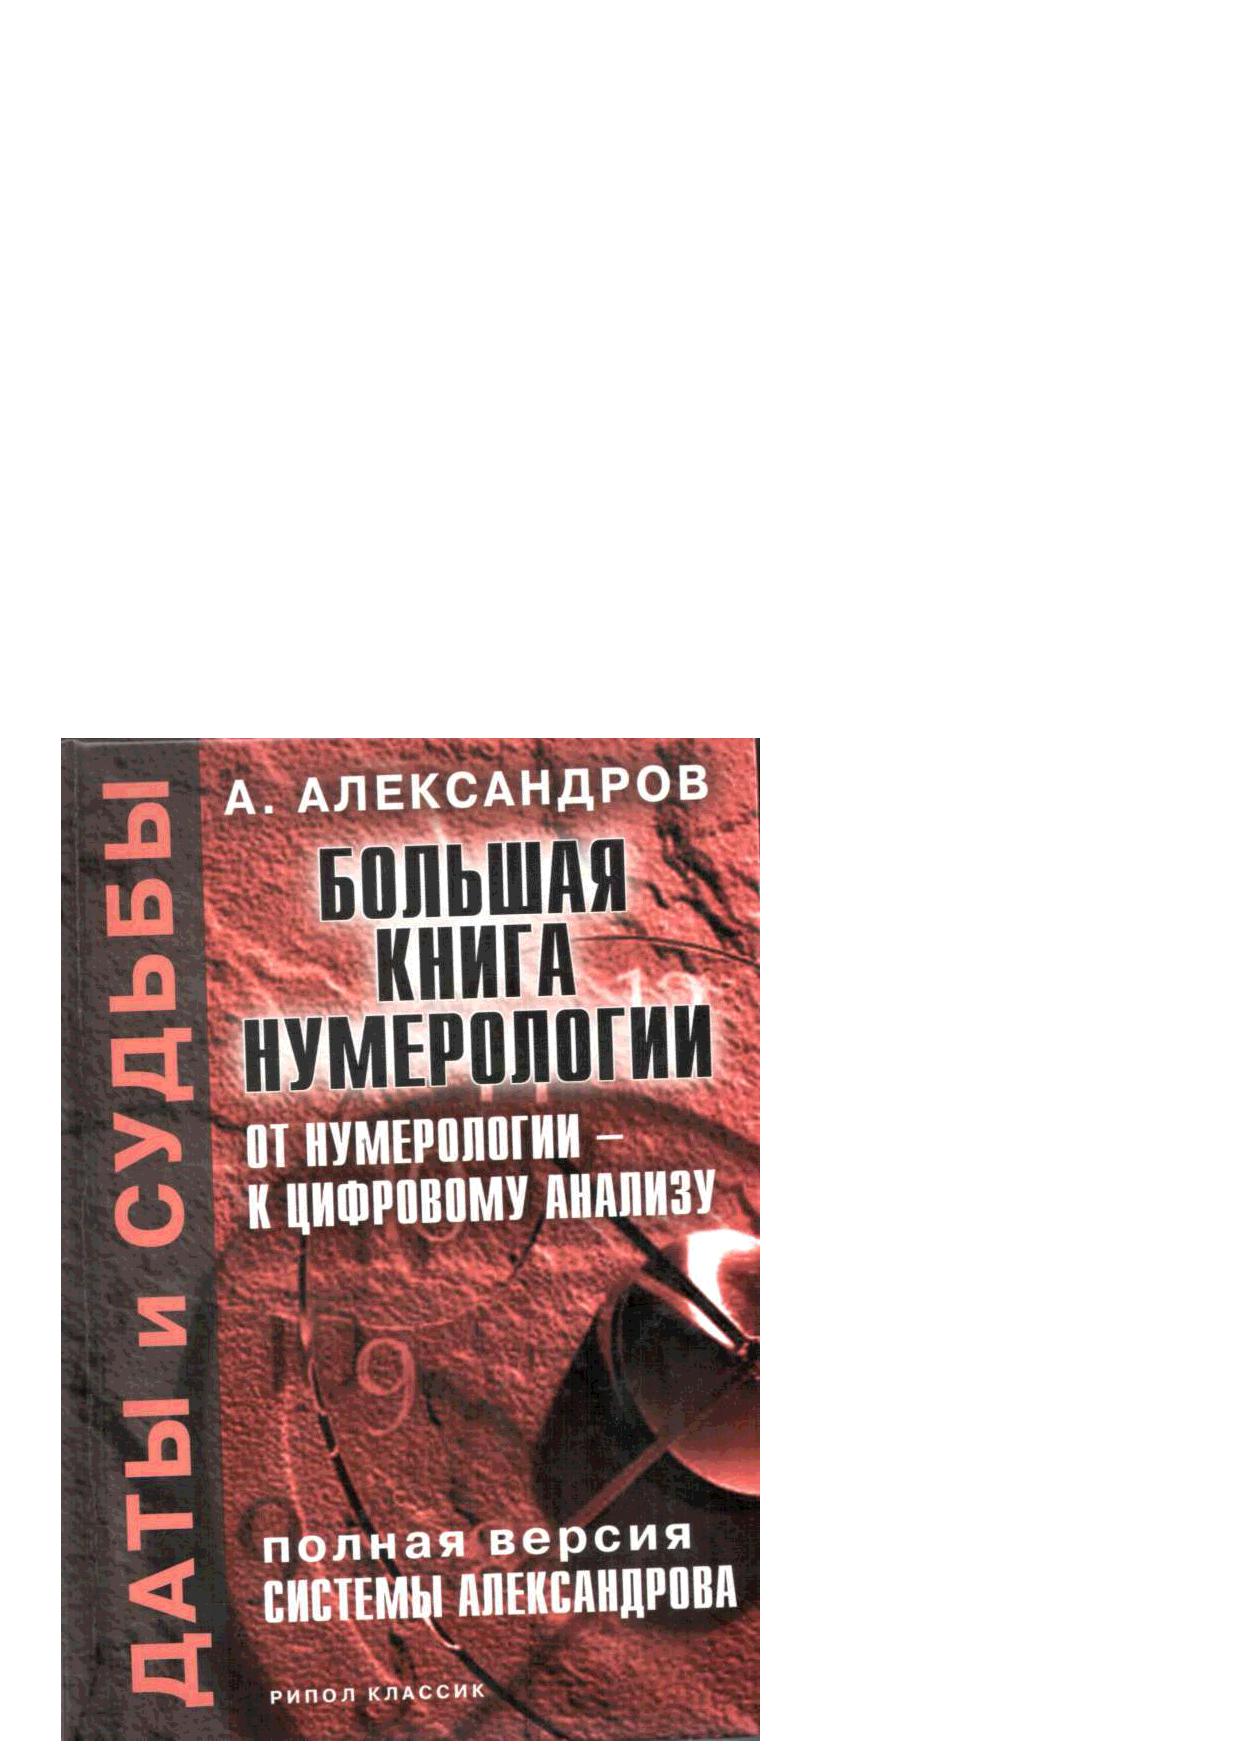 Книга александров большая книга нумерологии скачать бесплатно